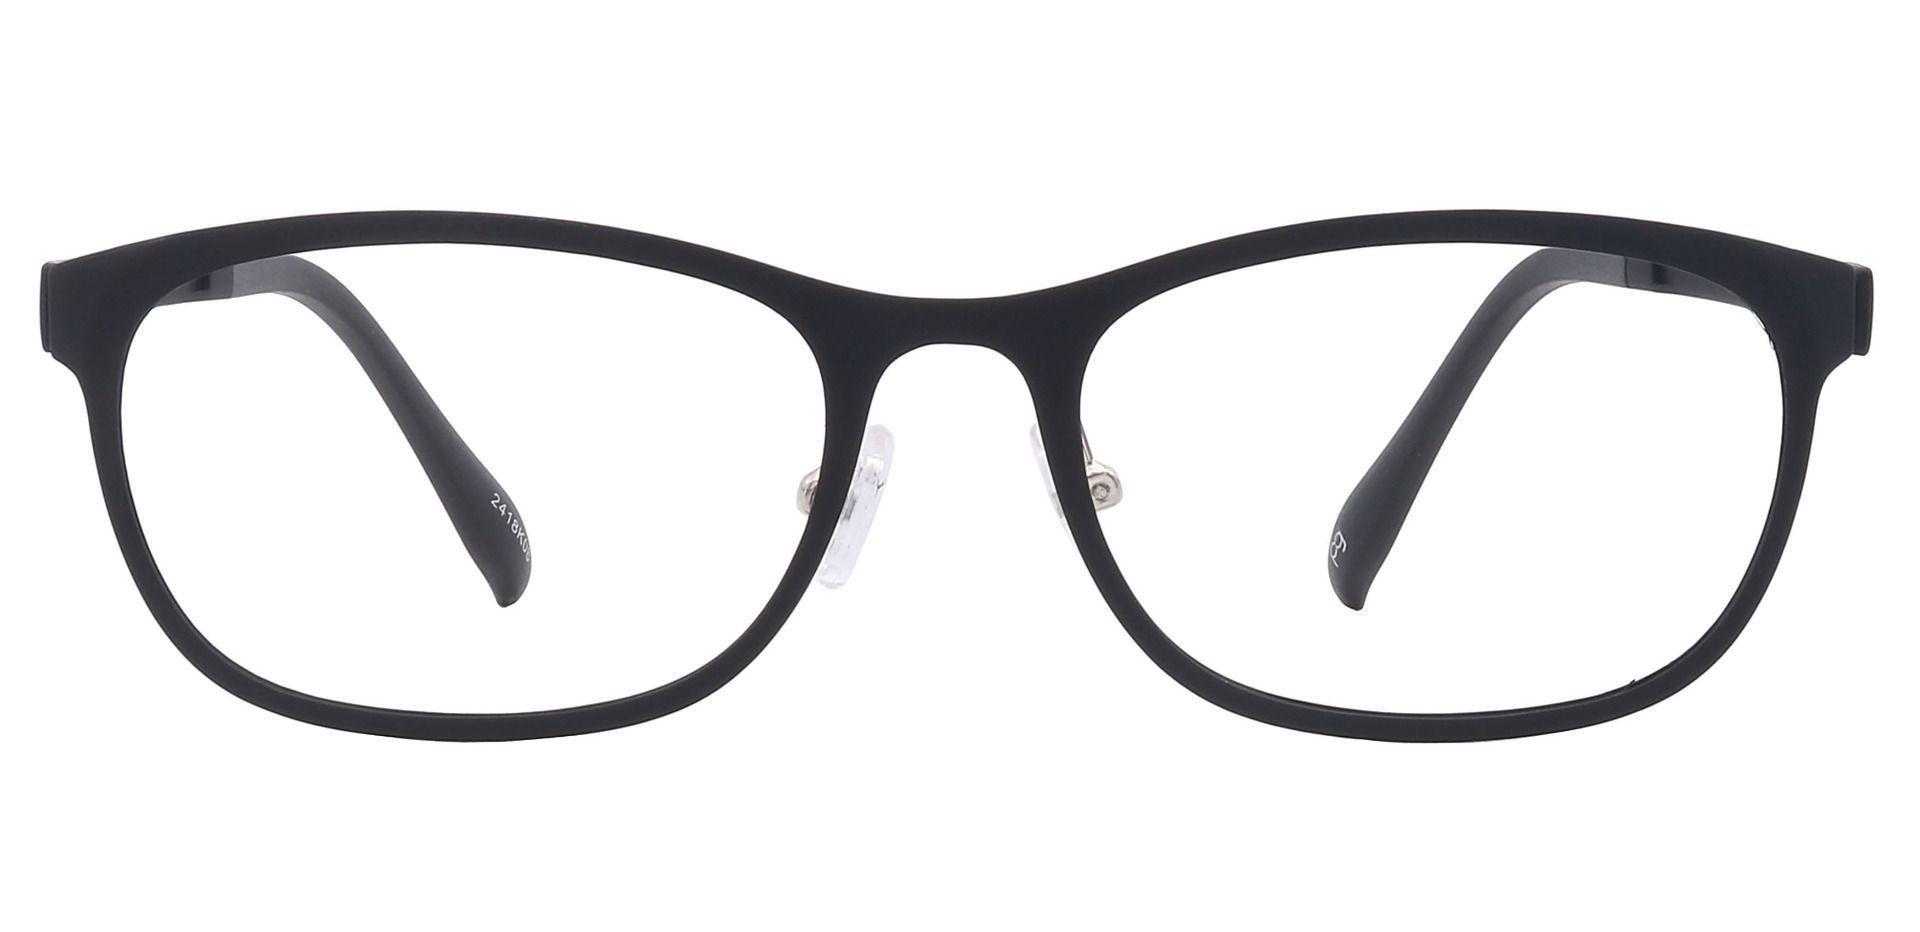 Tori Oval Blue Light Blocking Glasses - Black